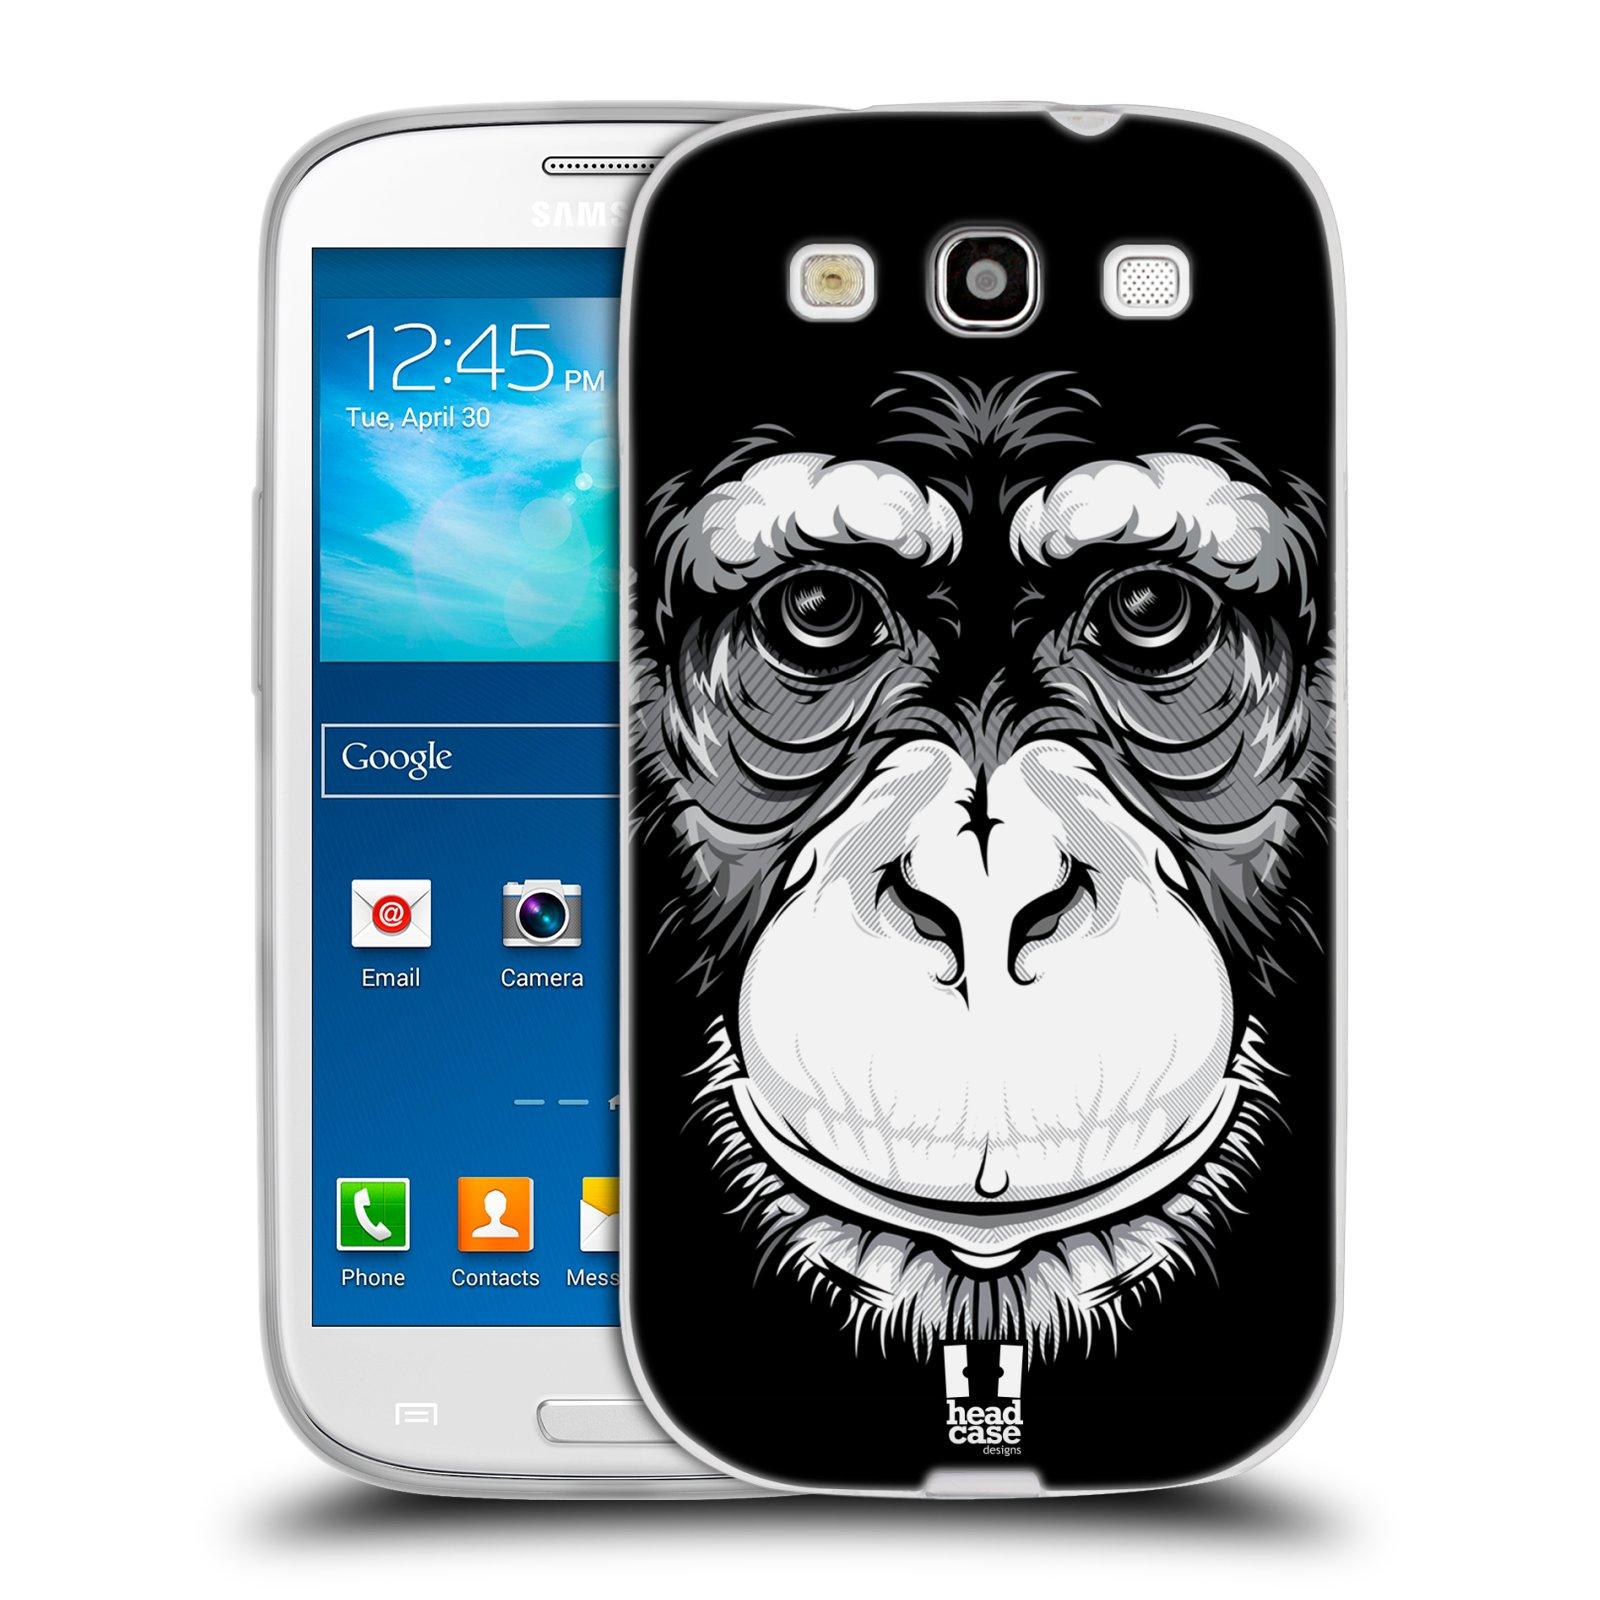 HEAD CASE silikonový obal na mobil Samsung Galaxy S3 i9300 vzor Zvíře kreslená tvář šimpanz